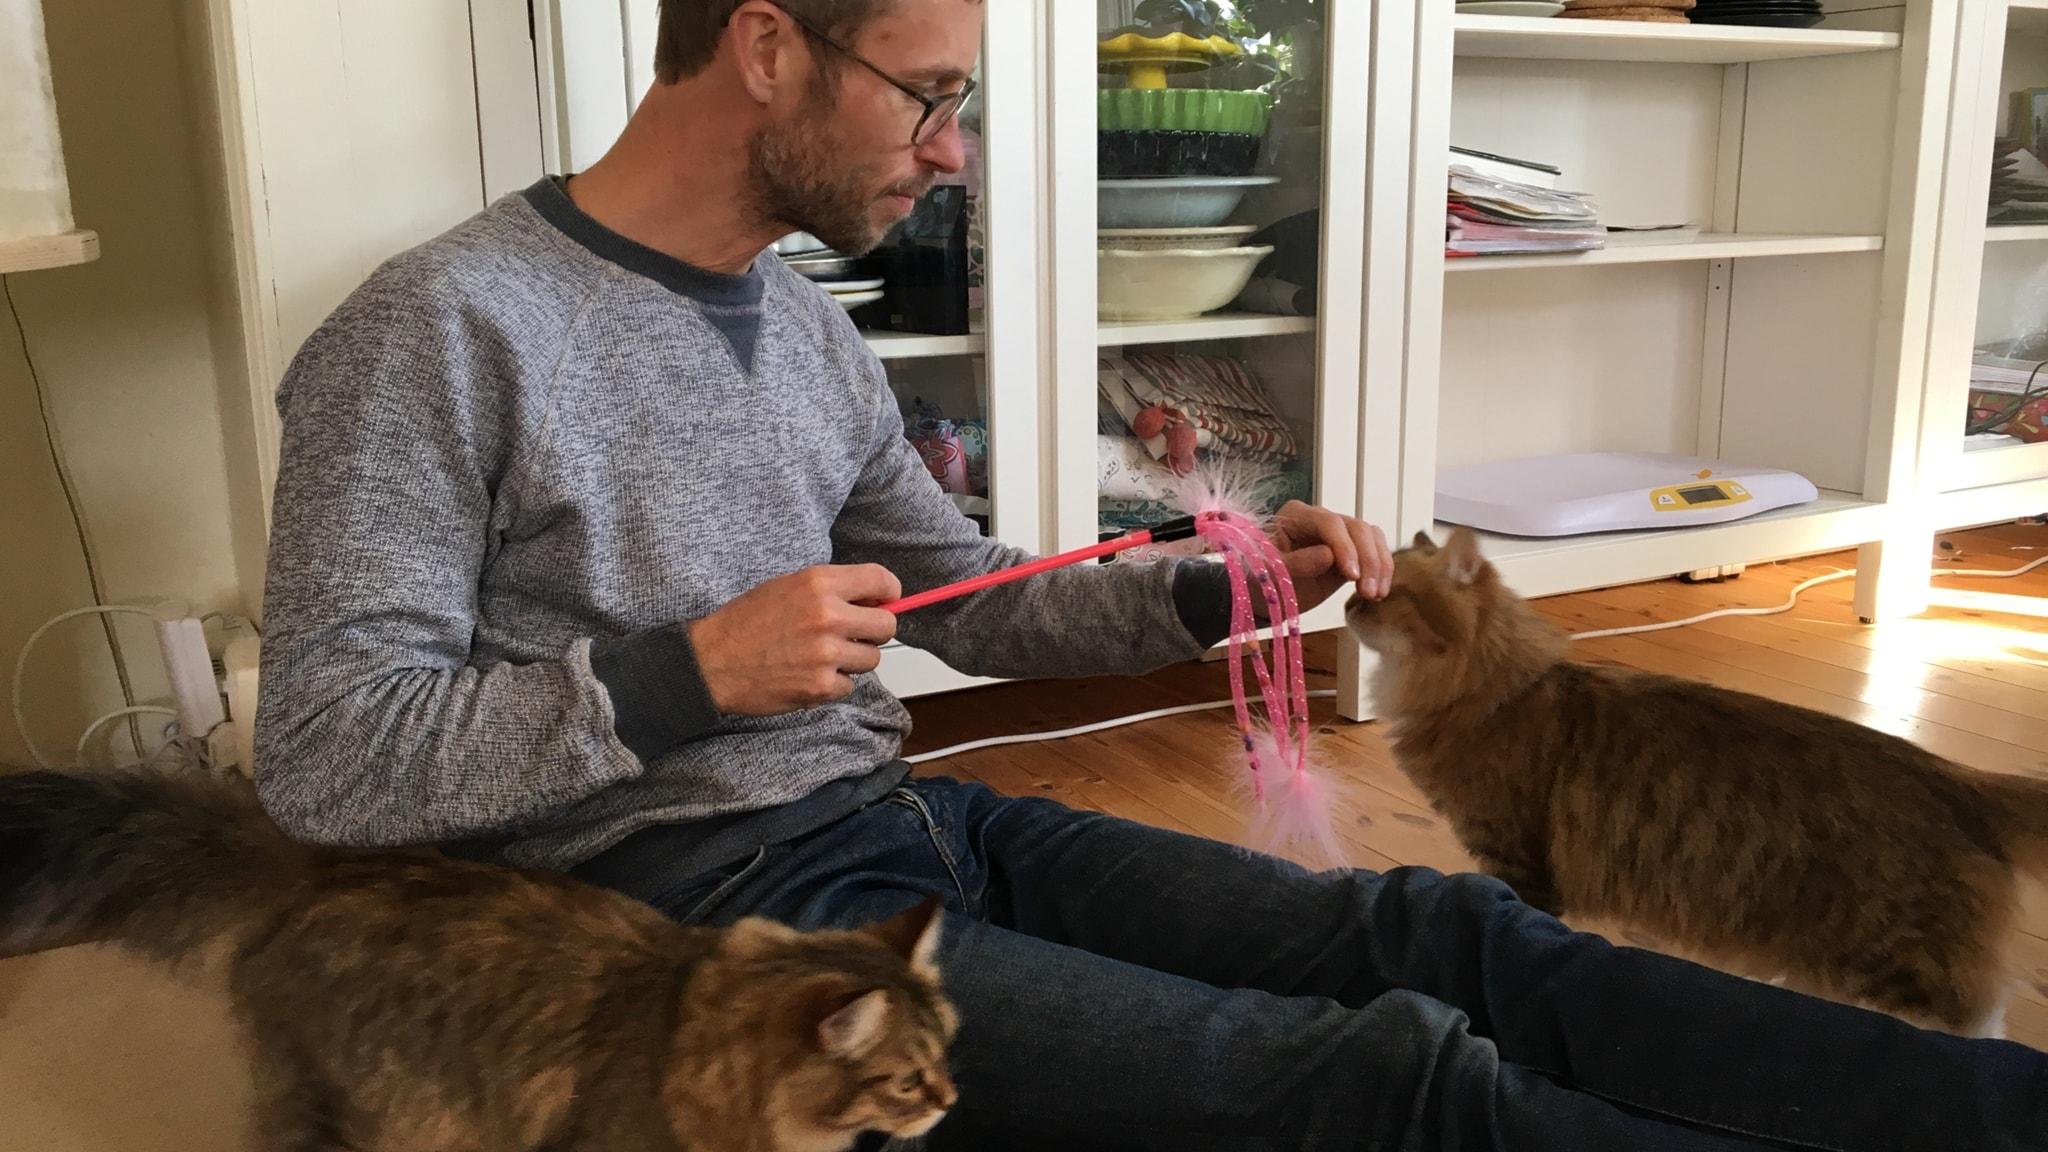 Björn Gunér sitter och leker med en katt med en kattleksak och en annan katt går framför.